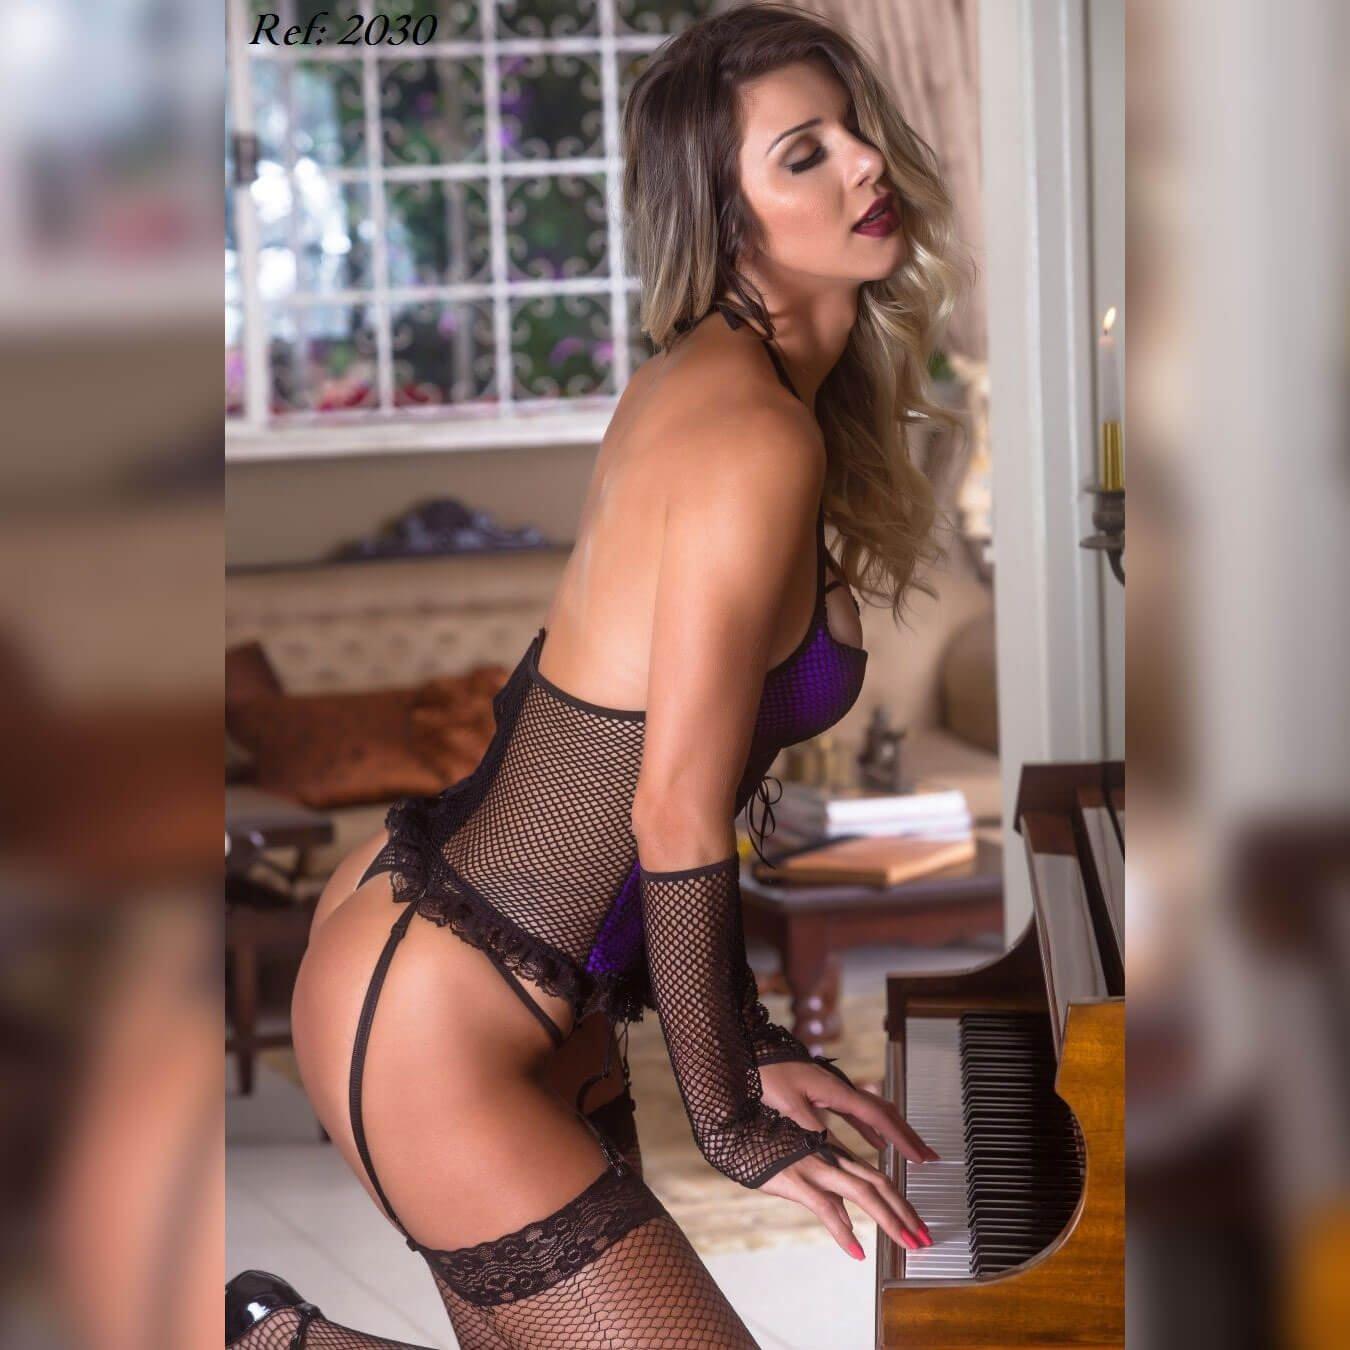 Espartilho Ravena Lingerie garota veneno  - Sex Shop Cuiaba - Sexshop - Sexyshop - Produtos Eróticos